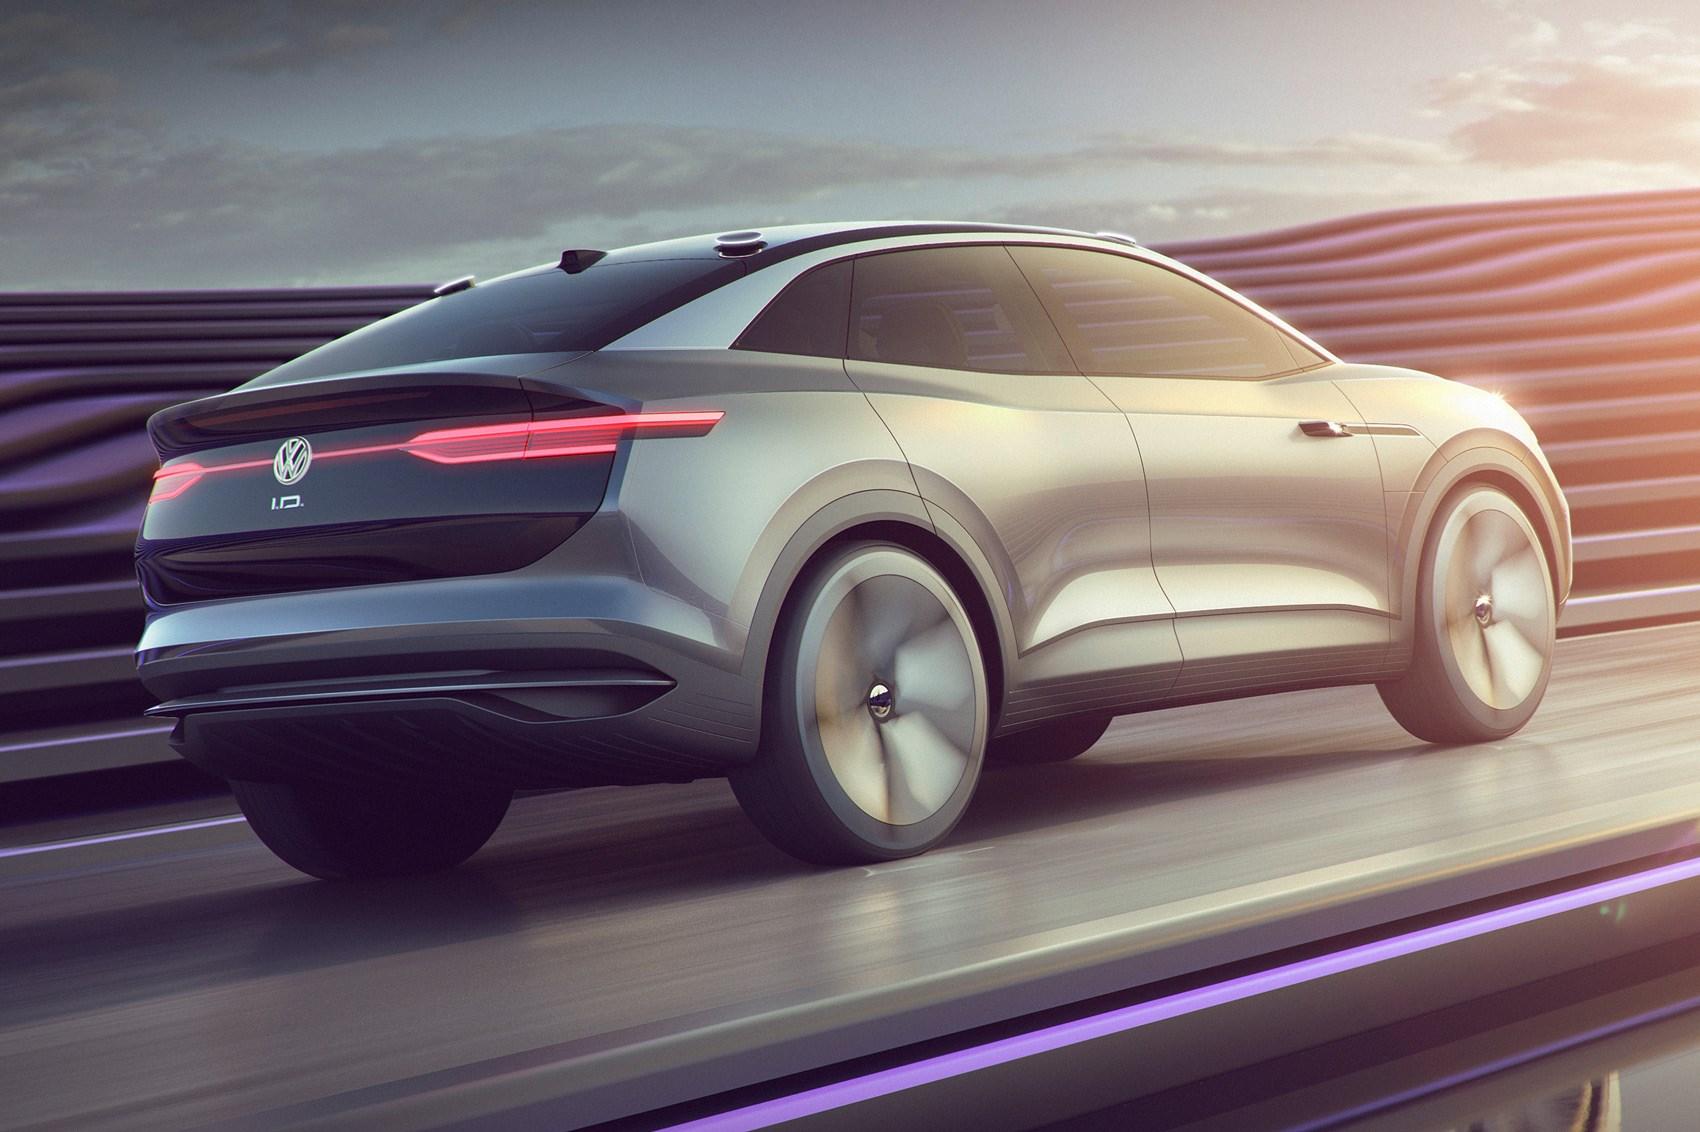 New Vw Id Crozz I D Concept Car